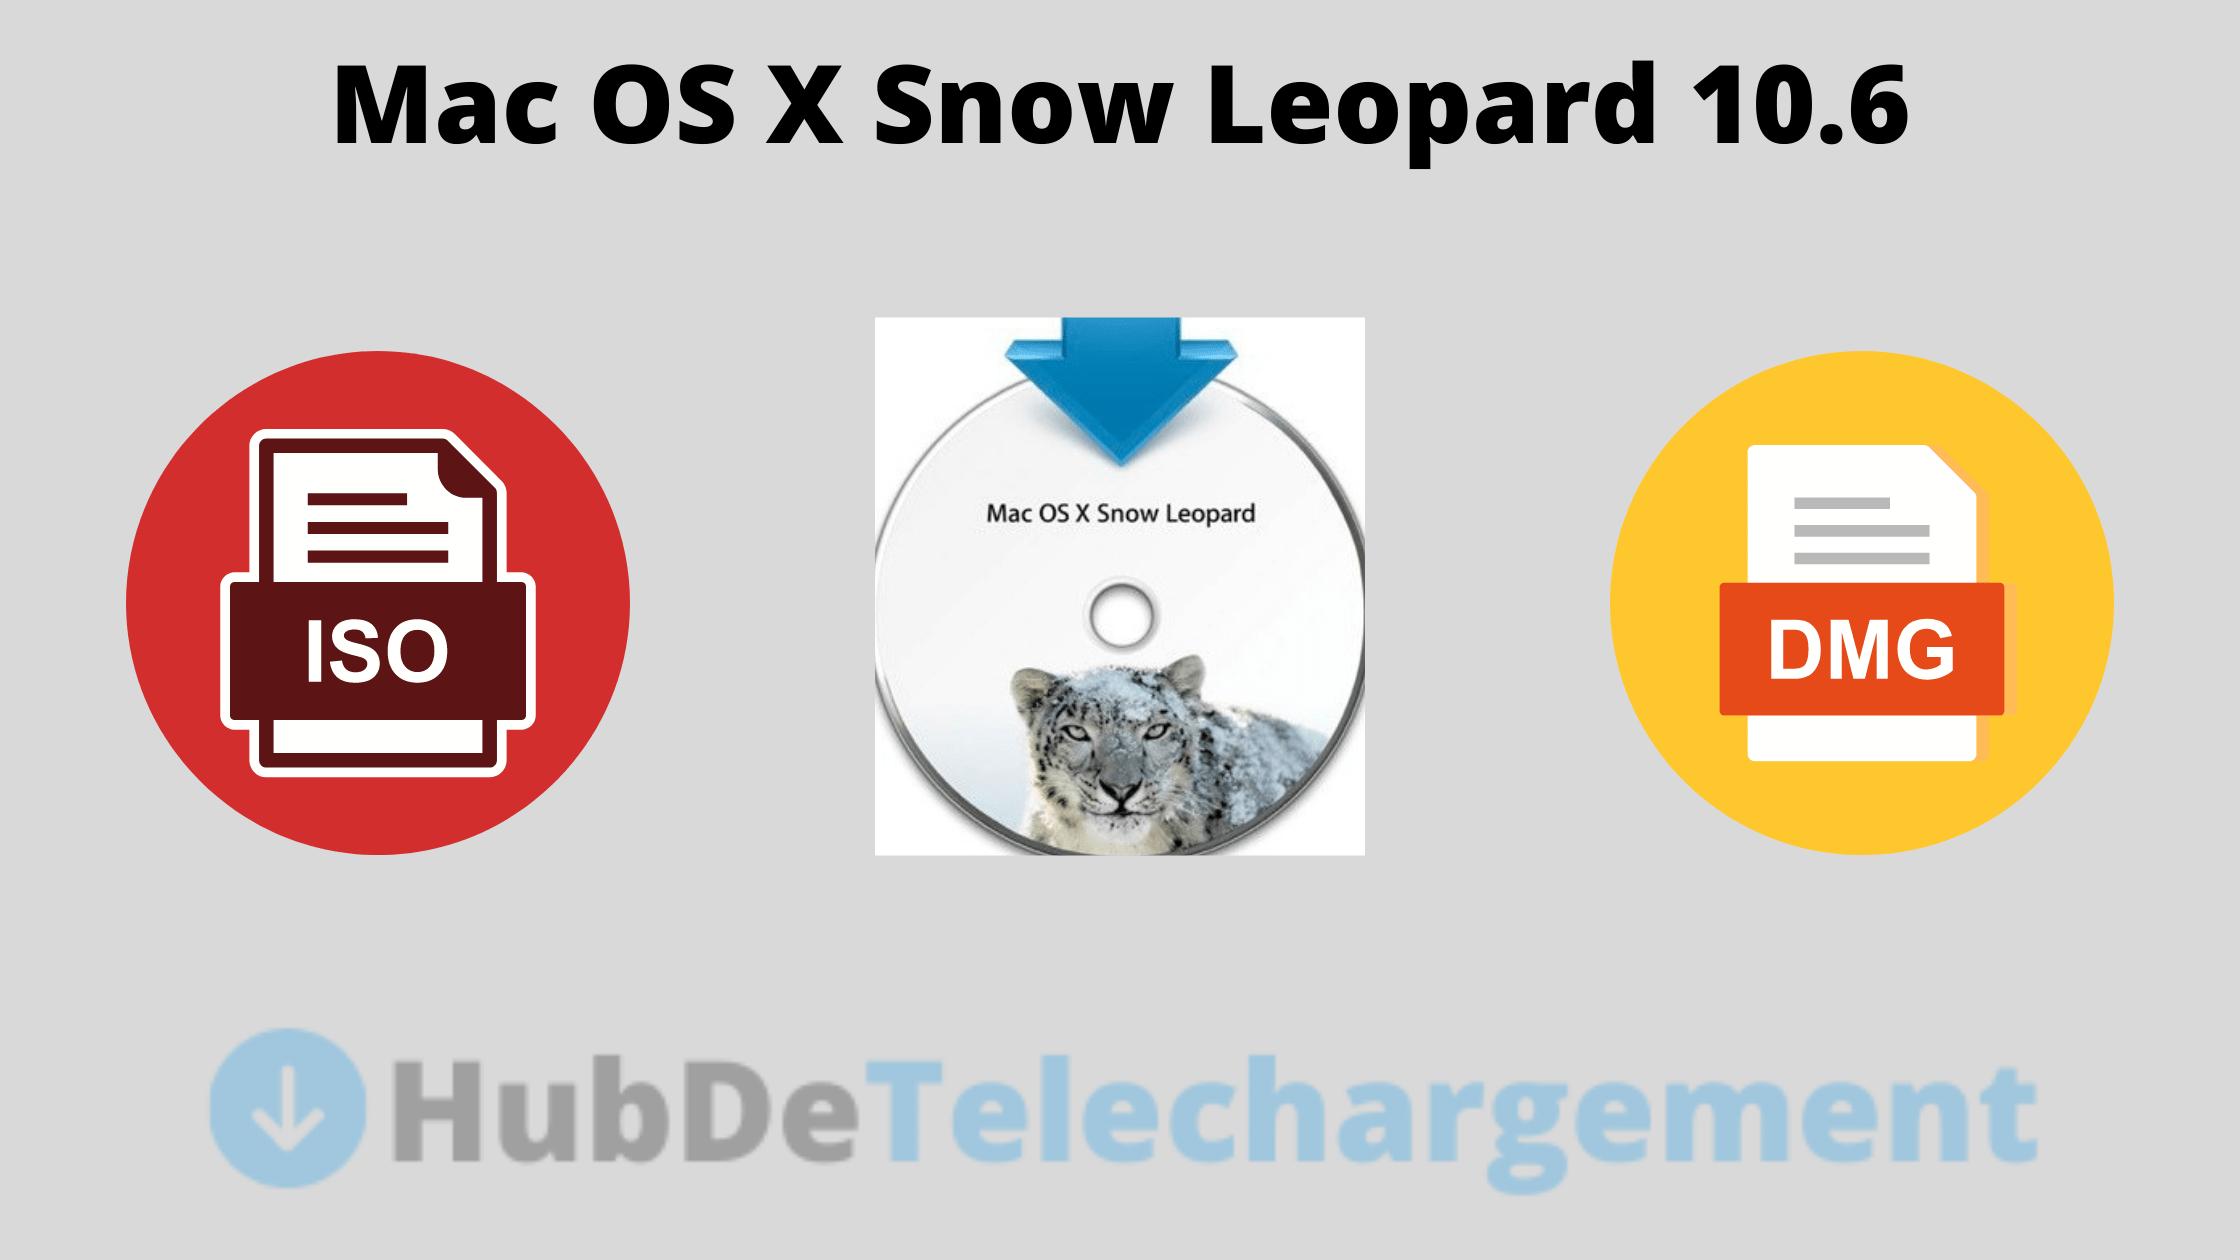 Fichier ISO et DMG de Mac OS X Snow Leopard 10.6